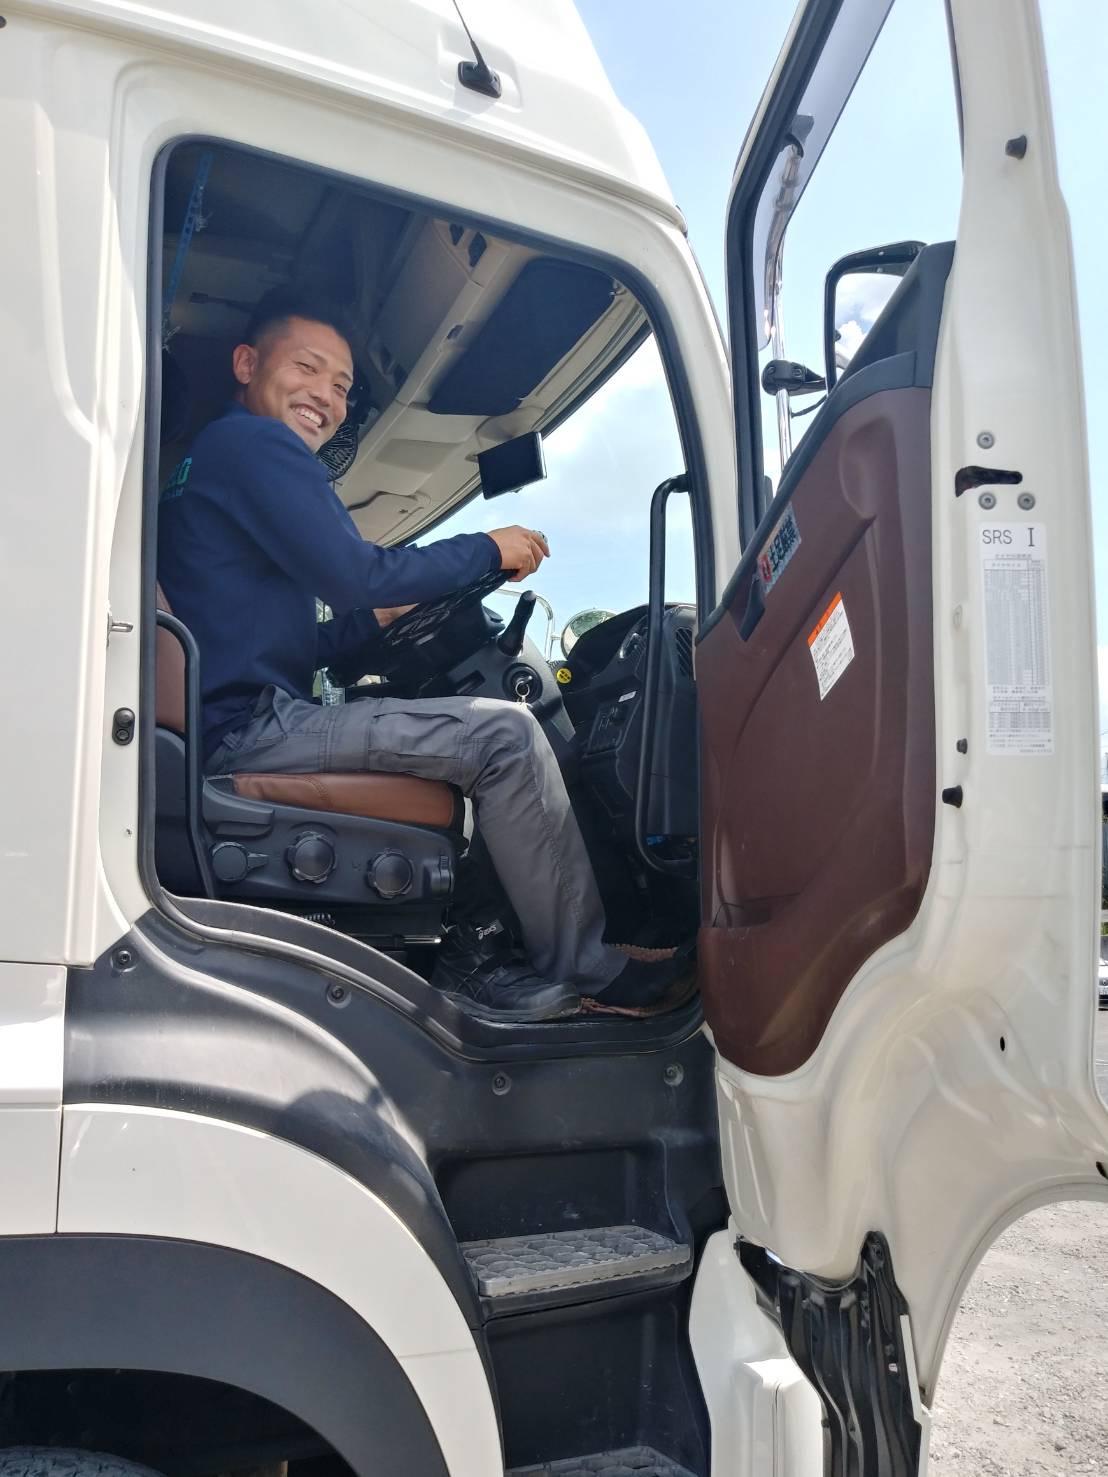 ドライバー募集 -やる気と向上心のある方いっしょに熱く働きましょう!-